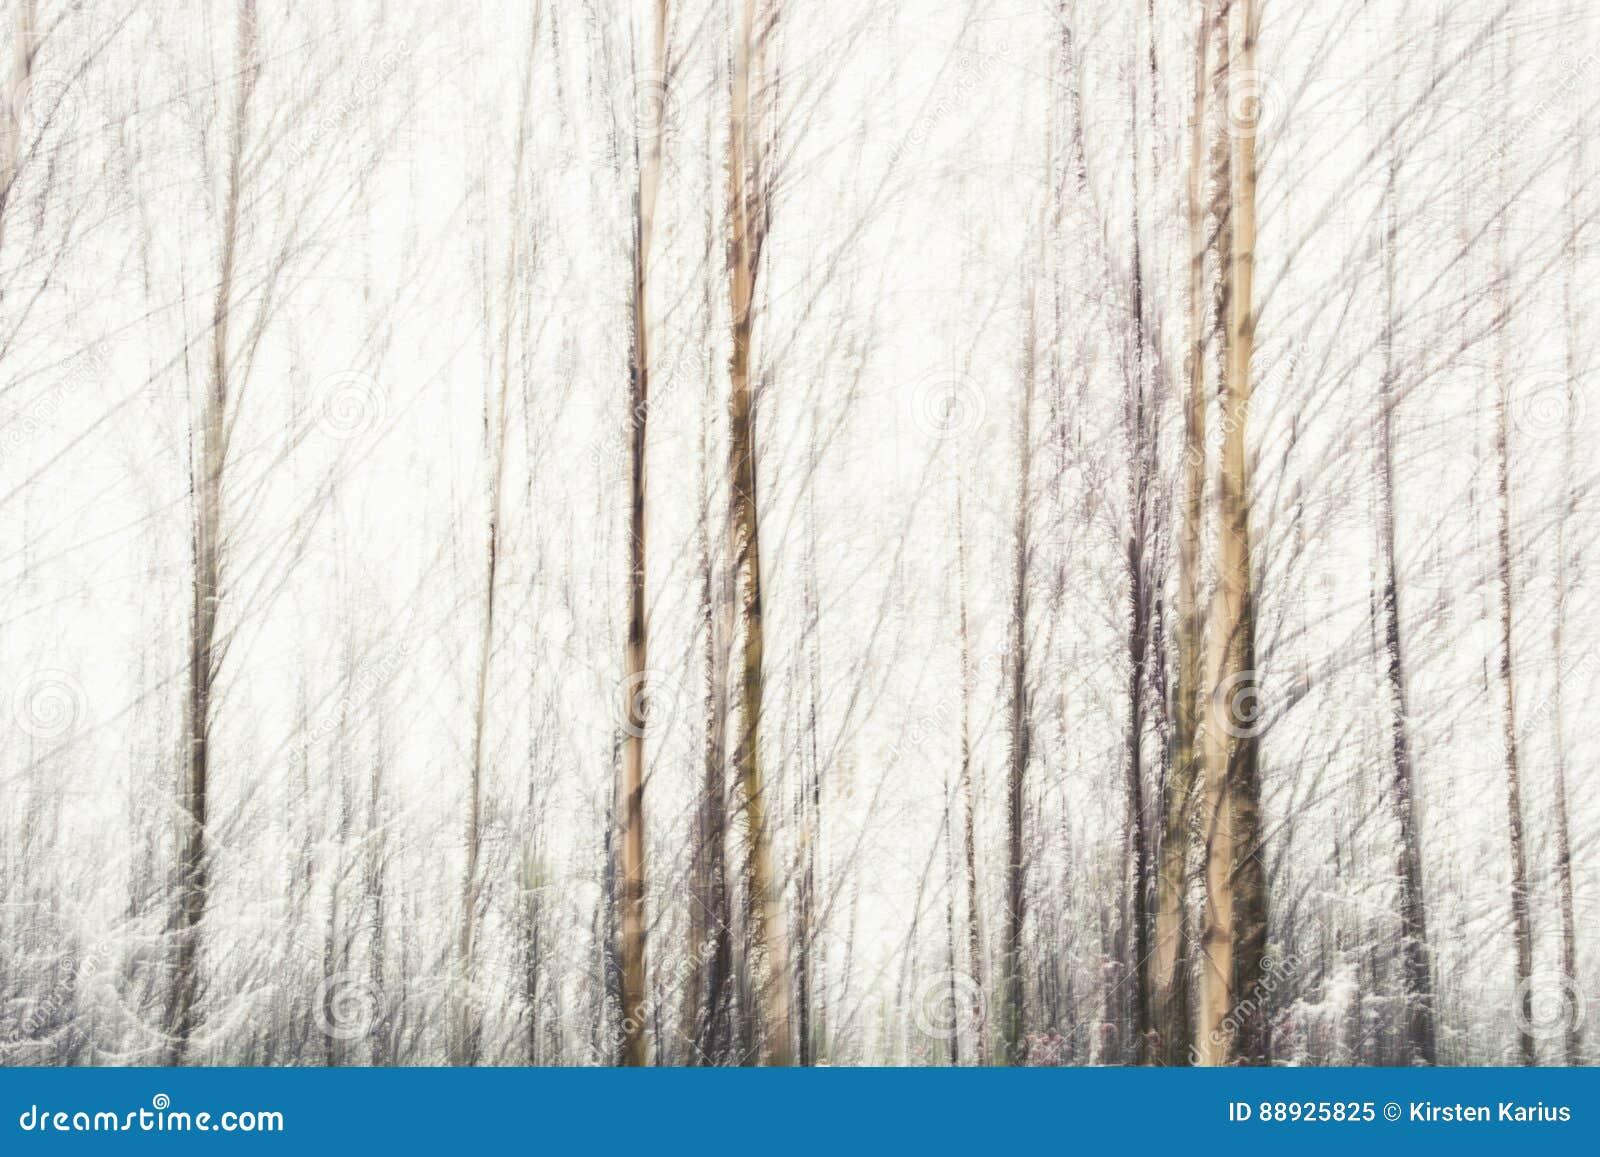 Estratto delle betulle